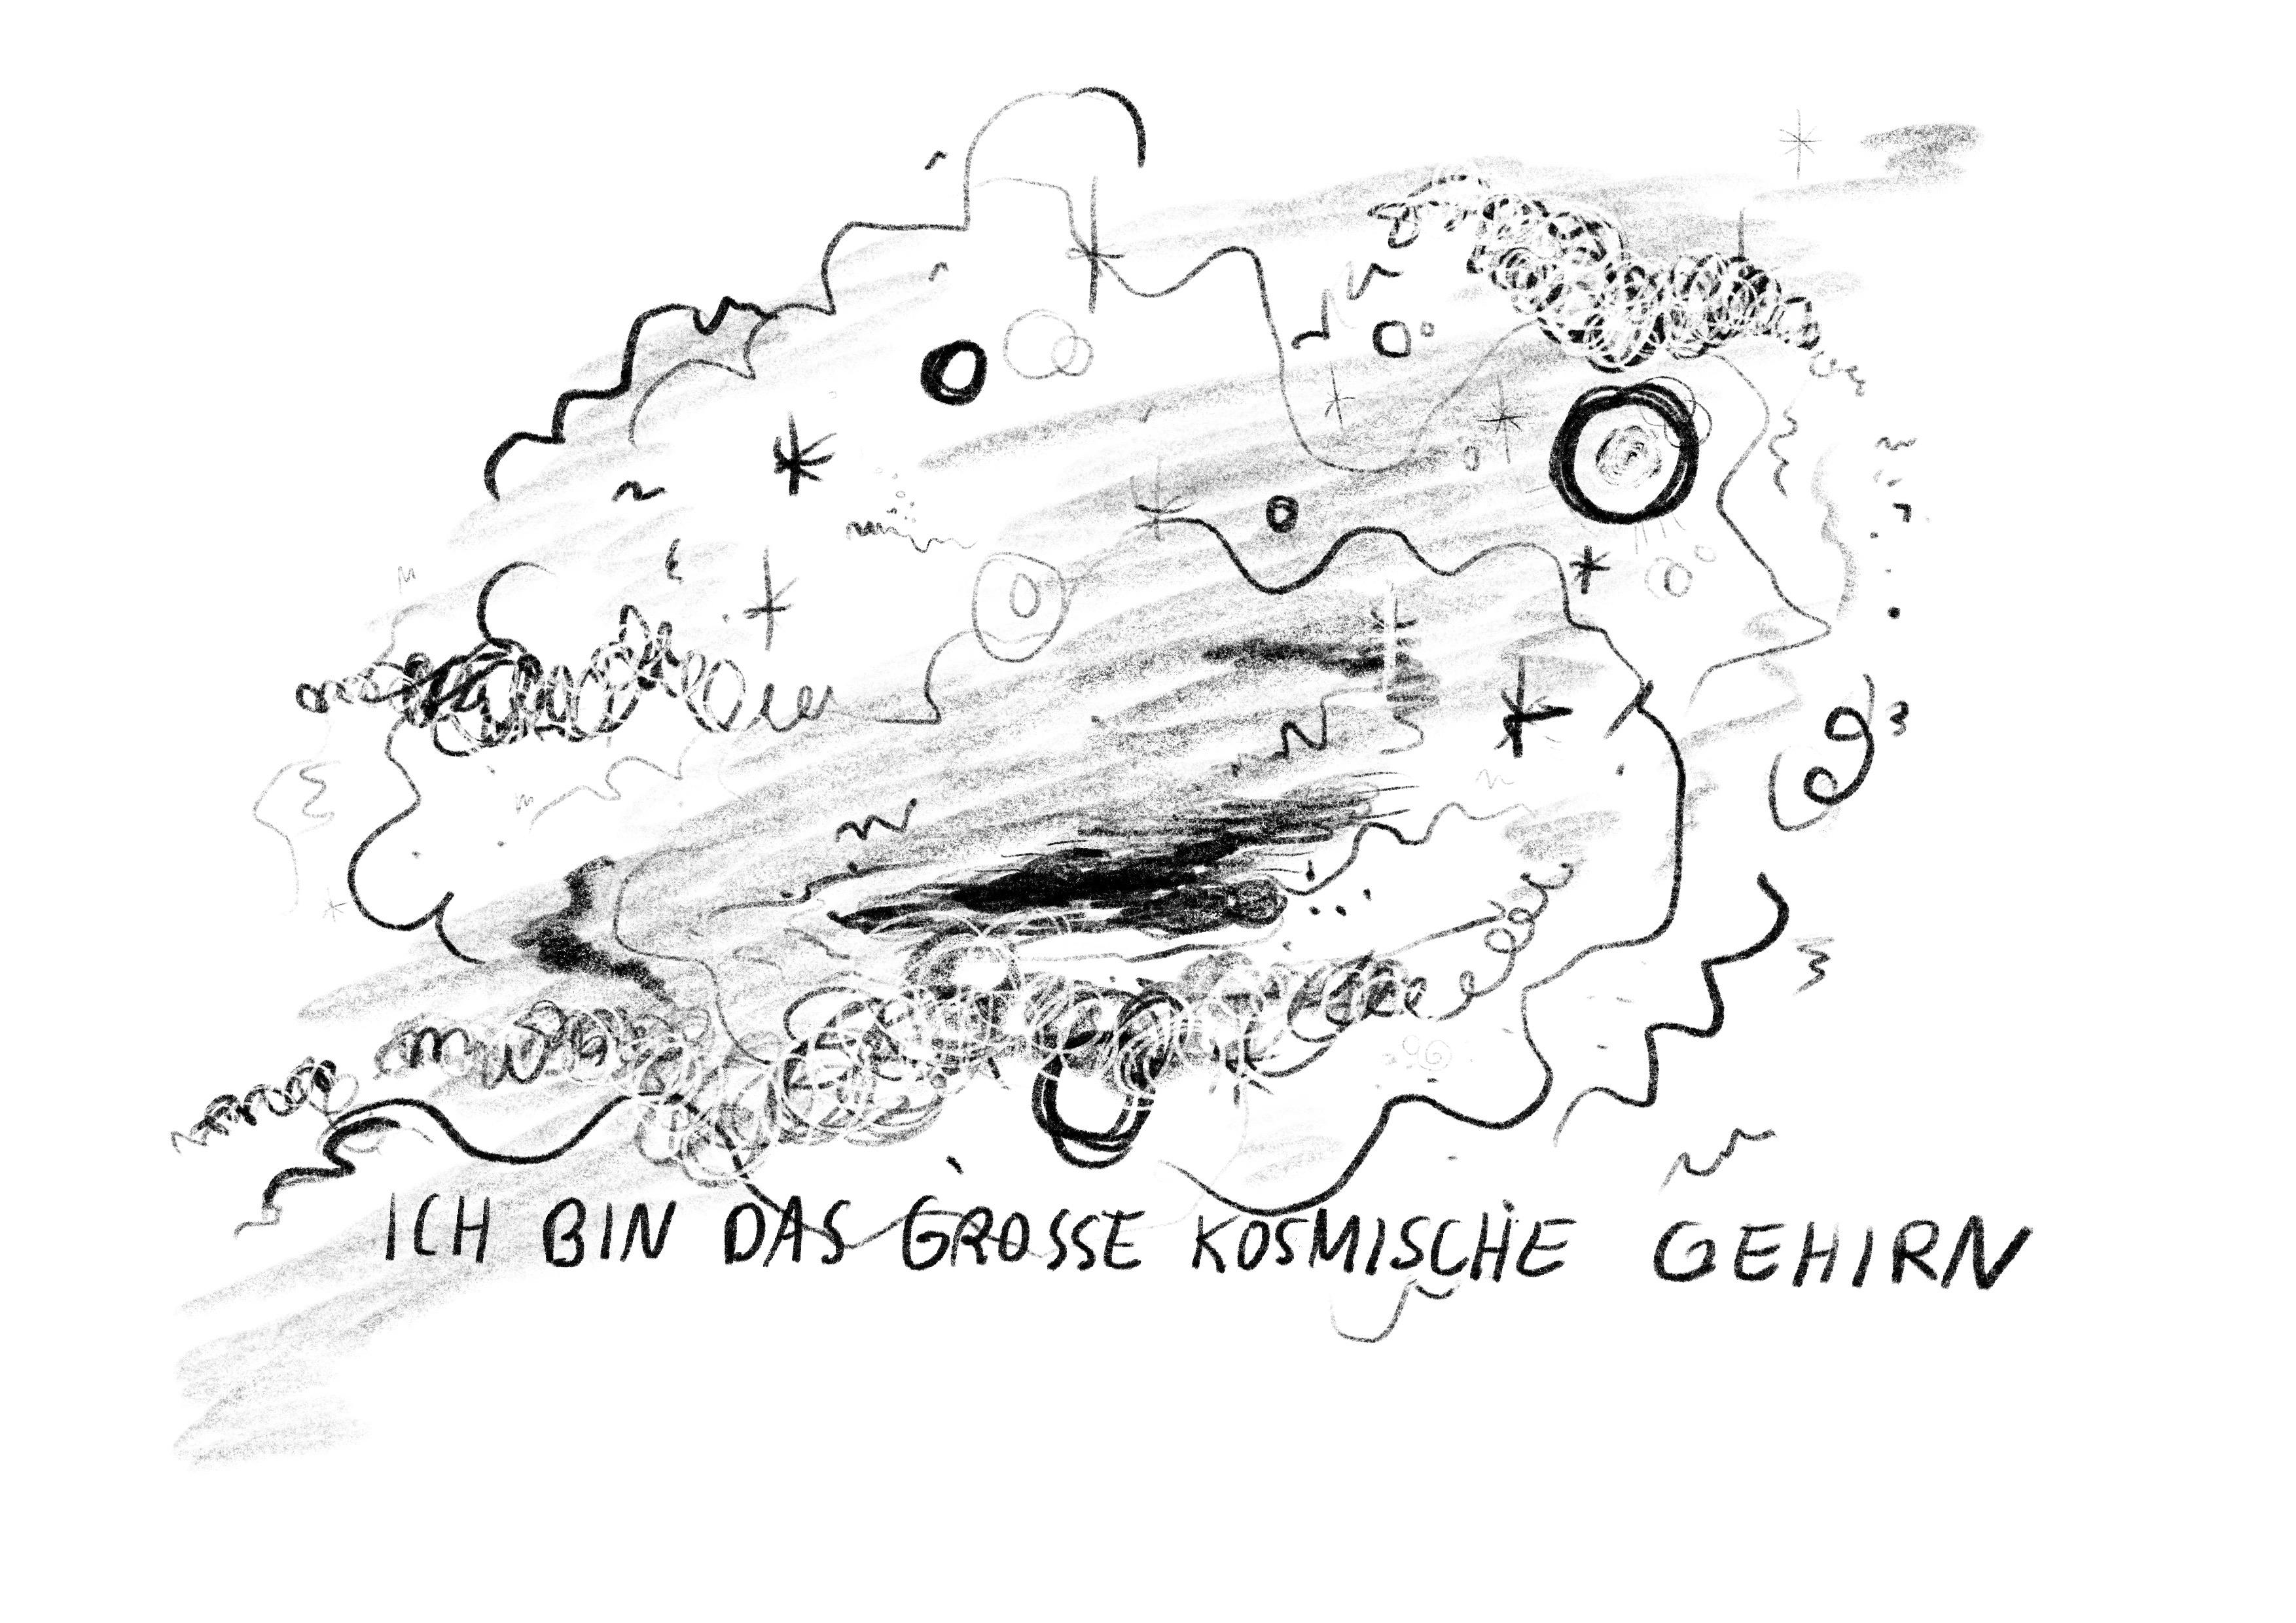 Das große kosmische Gehirn